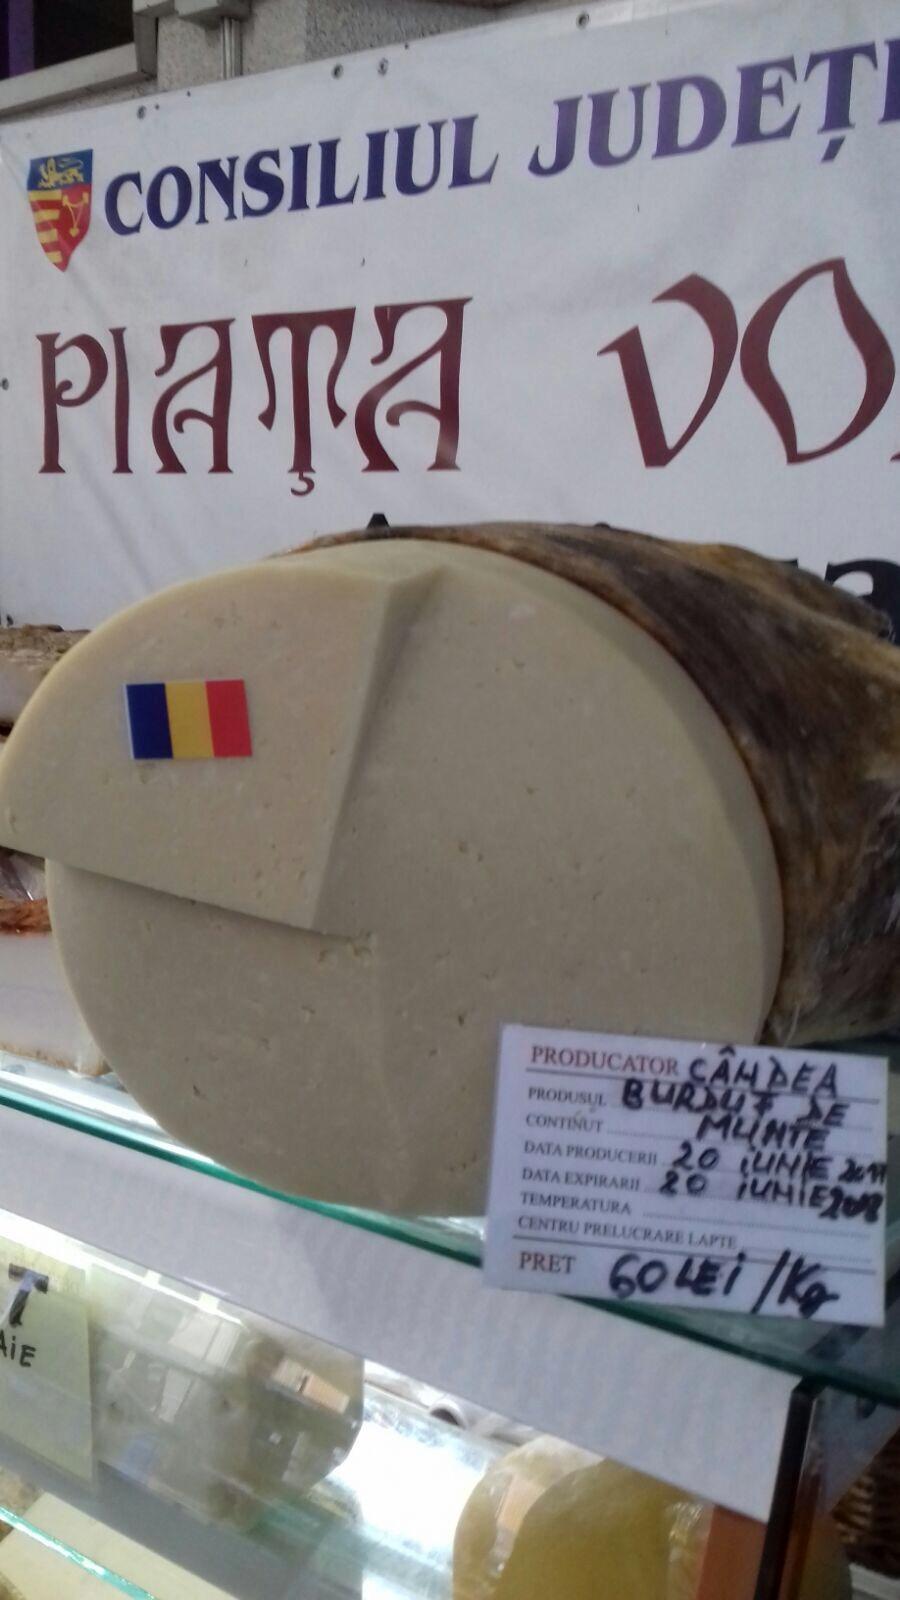 Piața Transilvania ratează două ediții consecutive, Sibiul câștigă două evenimente de calitate